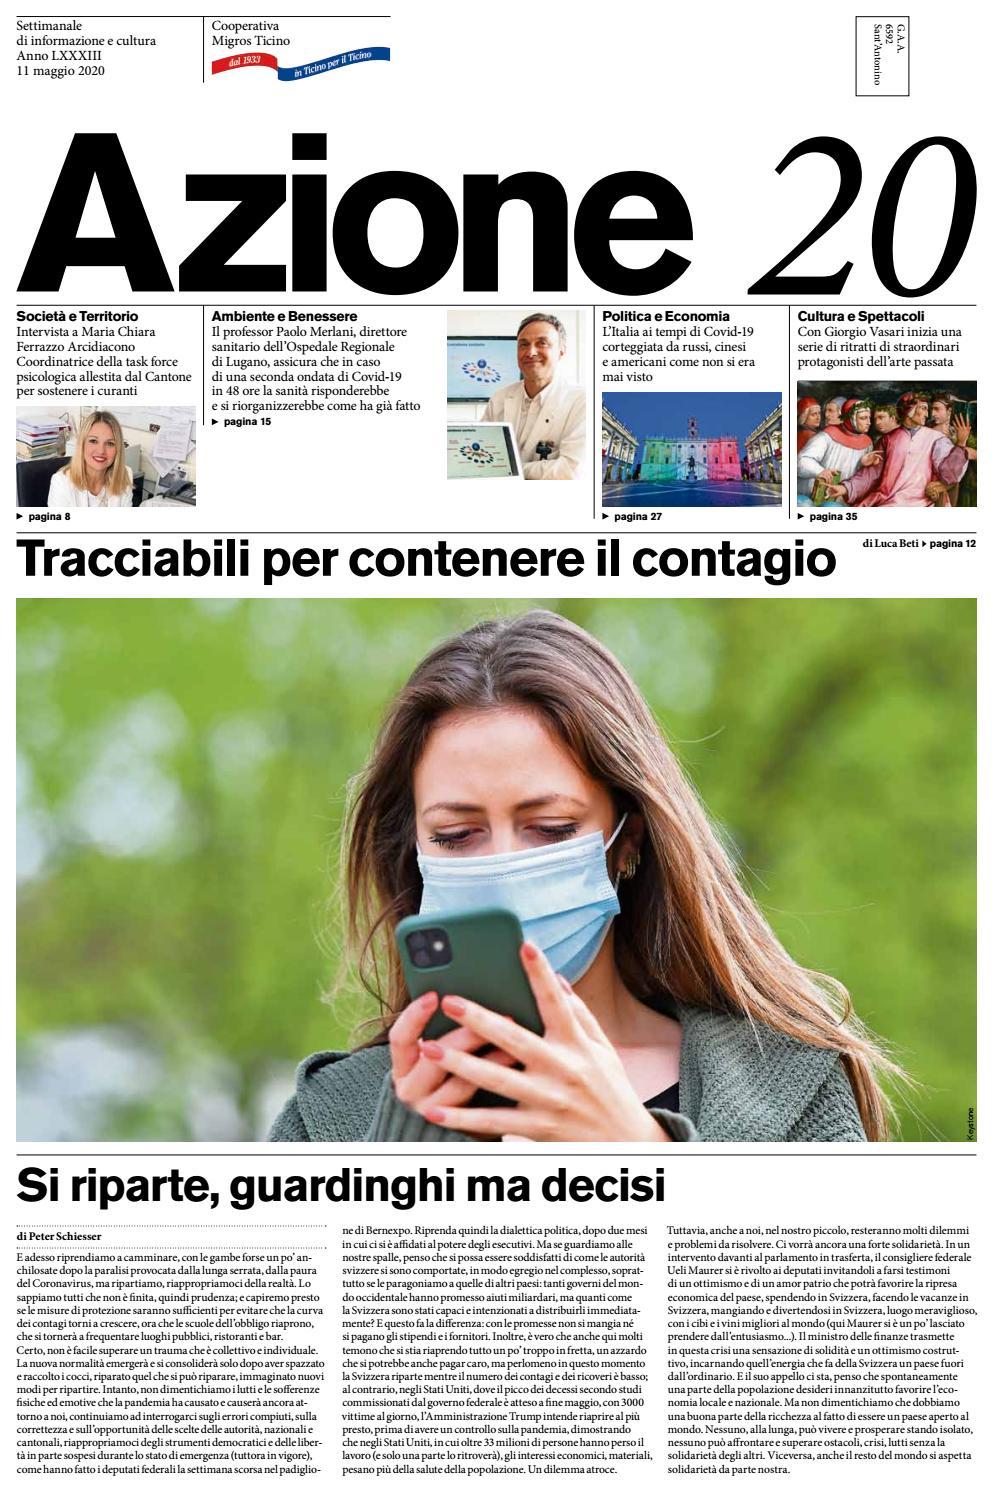 Azione 20 Del 11 Maggio 2020 By Azione Settimanale Di Migros Ticino Issuu